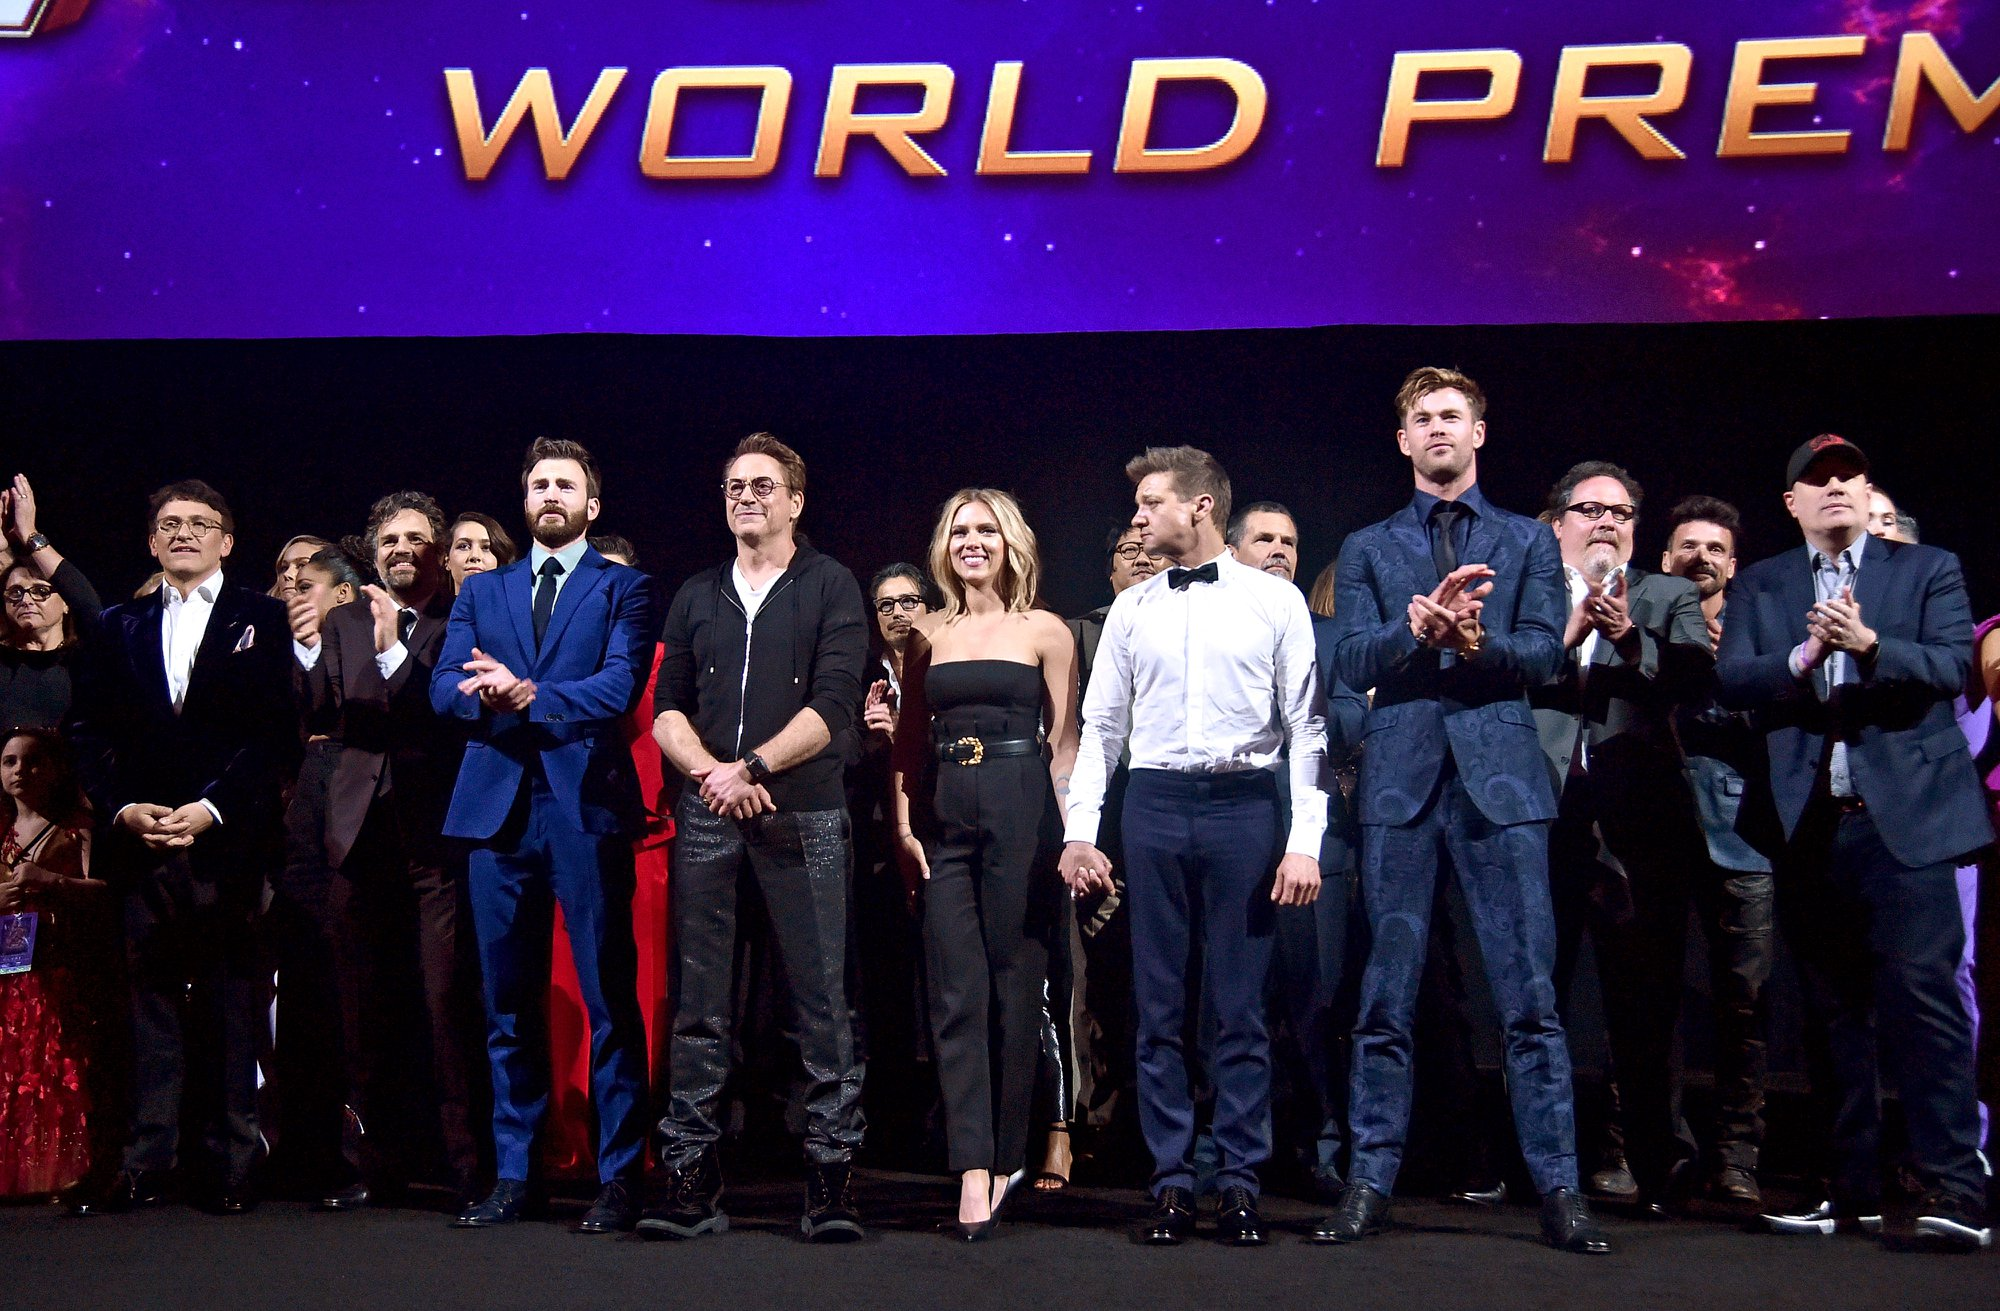 """El elenco de """"Avengers: Endgame"""" durante la premier de la cinta en Los Ángeles, California. (Foto Prensa Libre: Facebook)"""